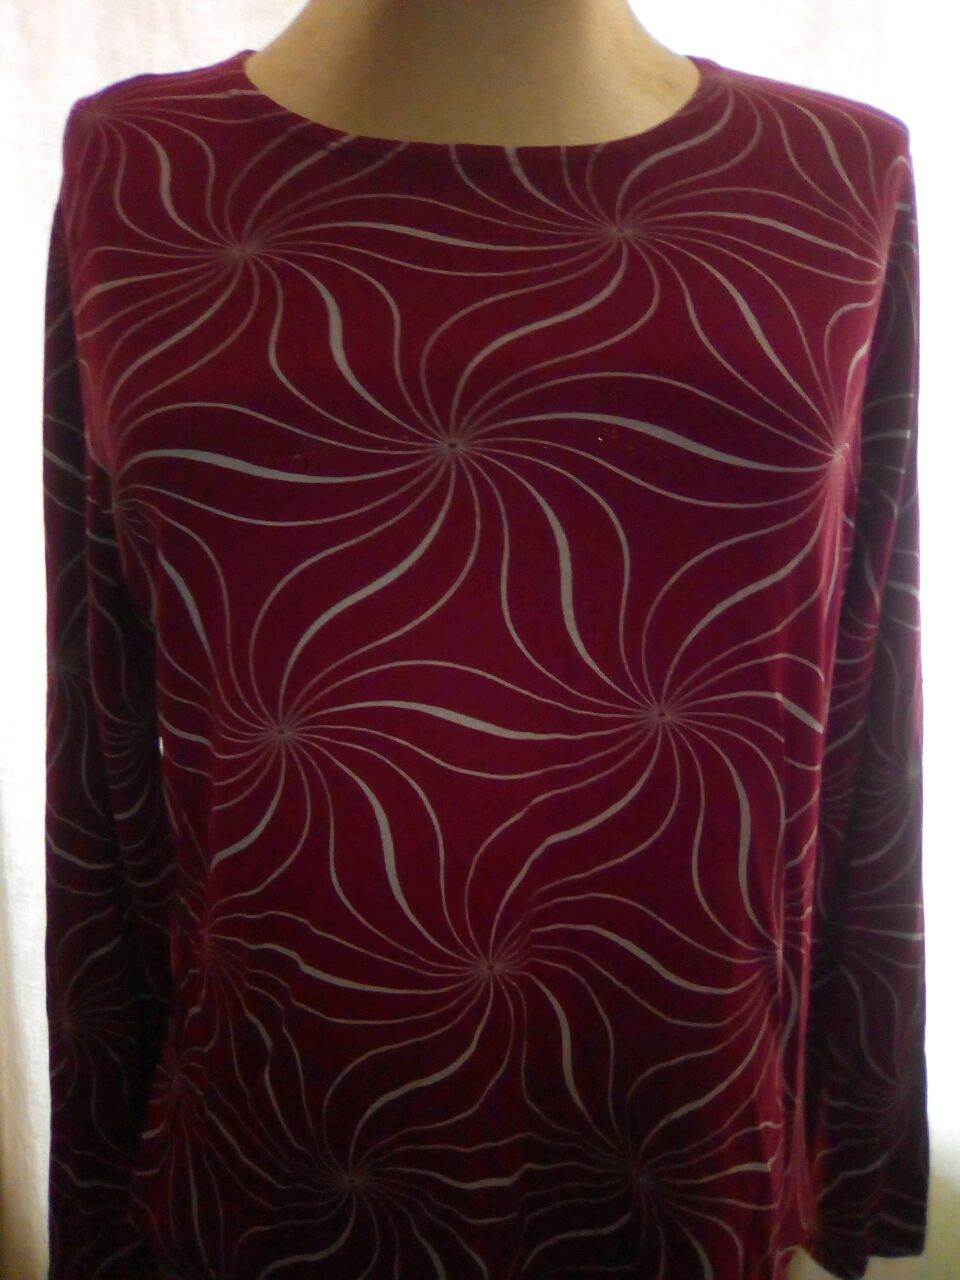 Винтаж: Кофточка винтажная красная с длинным рукавом, Винтажная одежда, Софрино,  Фото №1